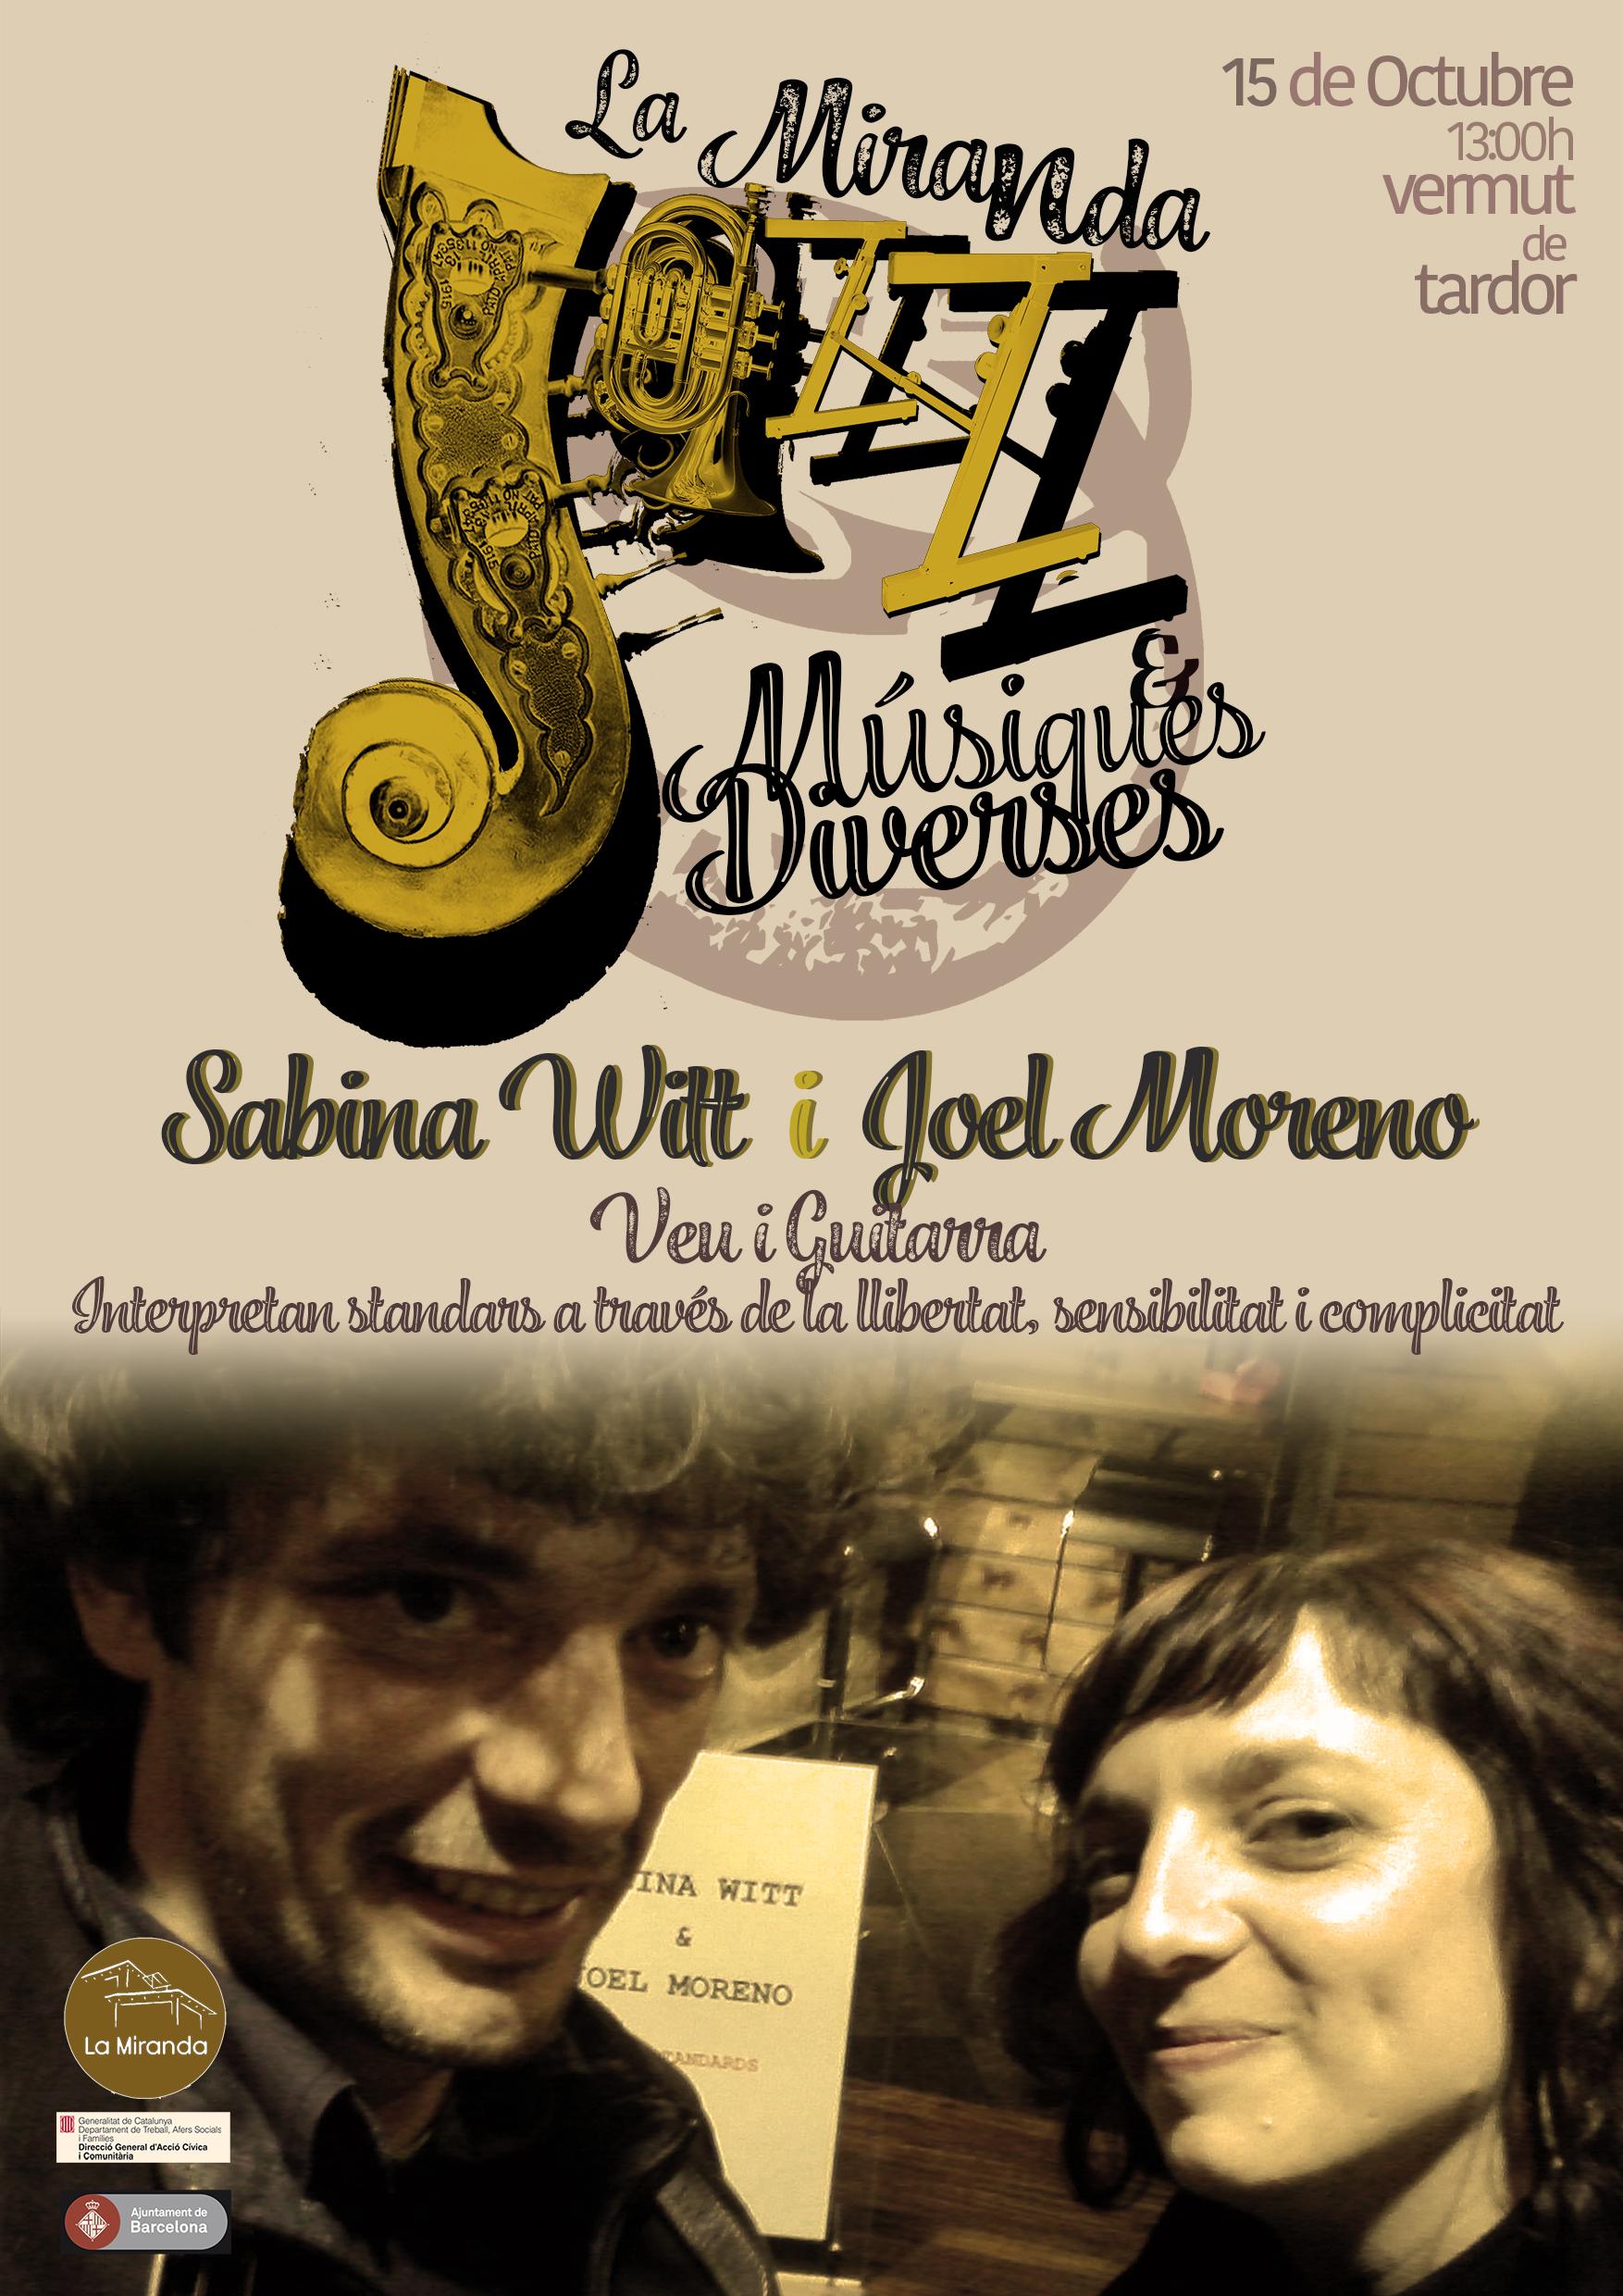 15 d'octubre- Sabina Witt & Joel Moreno- La Miranda (Bcn)- 13h.